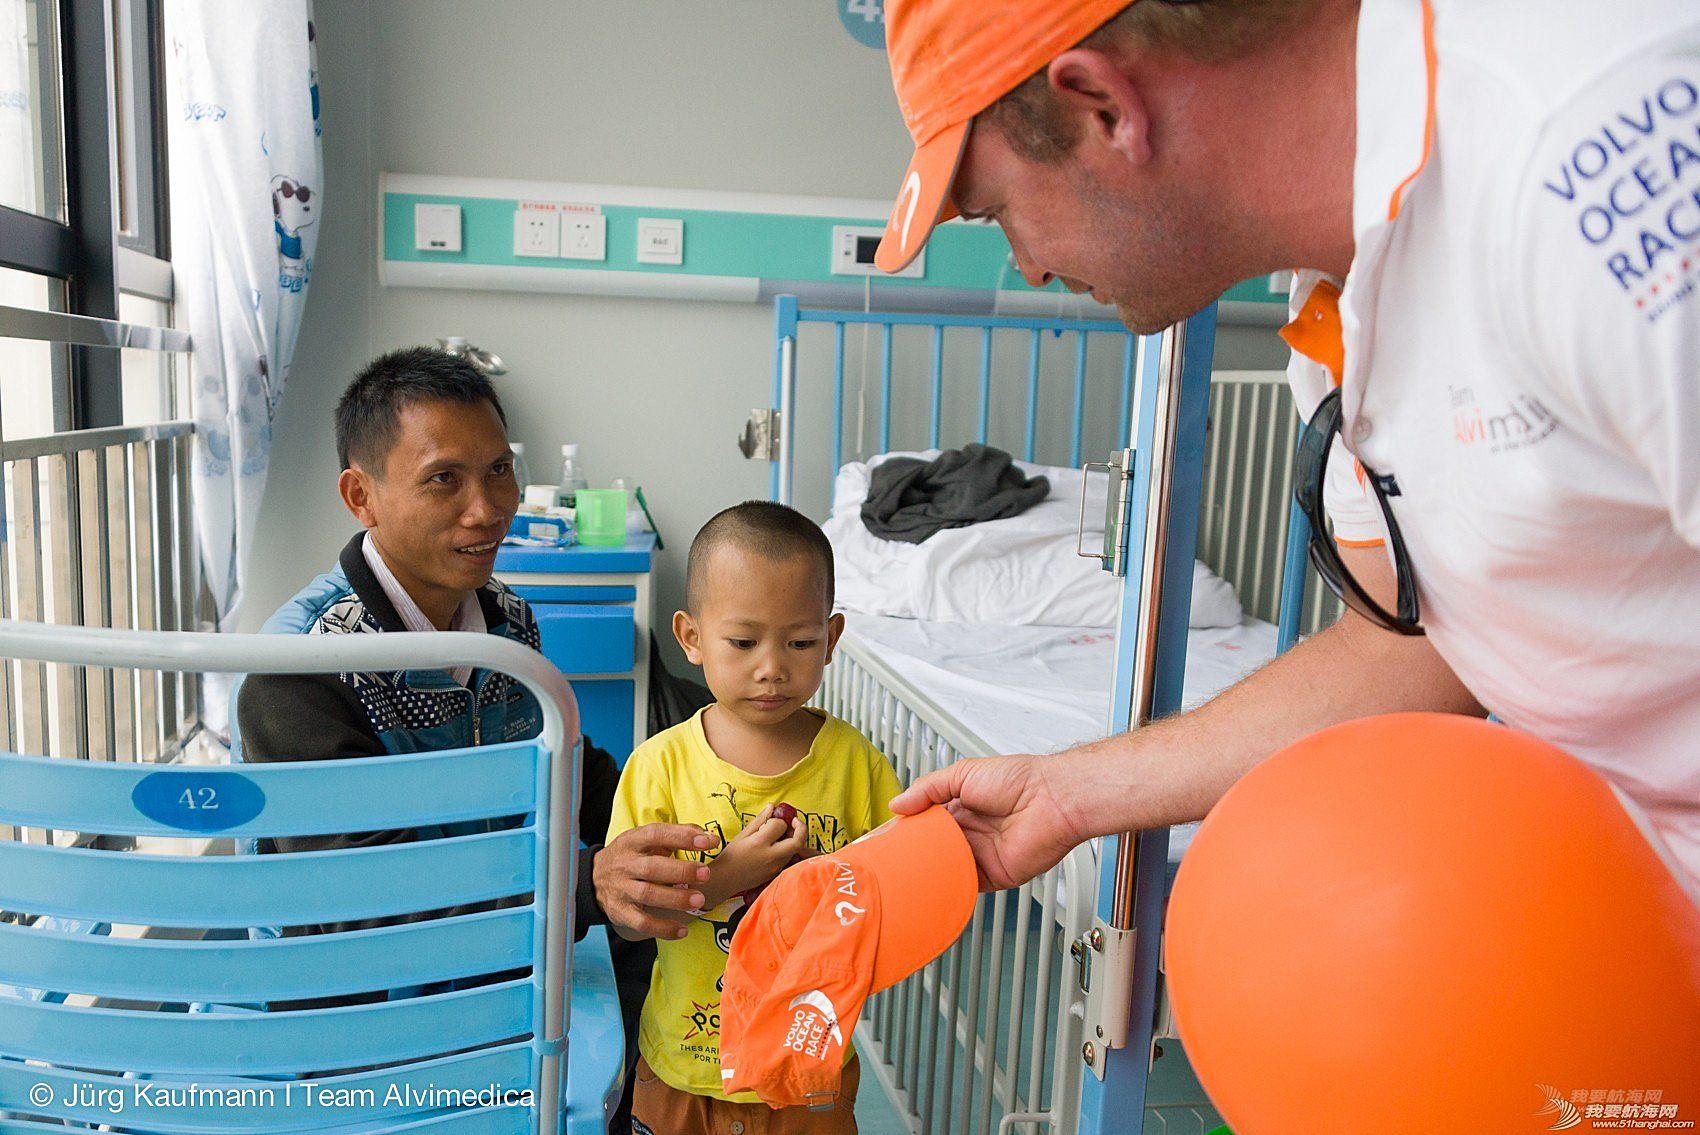 沃尔沃,环游世界,三亚市,心脏病,运动员 阿尔维麦迪卡队关注当地心脏慈善